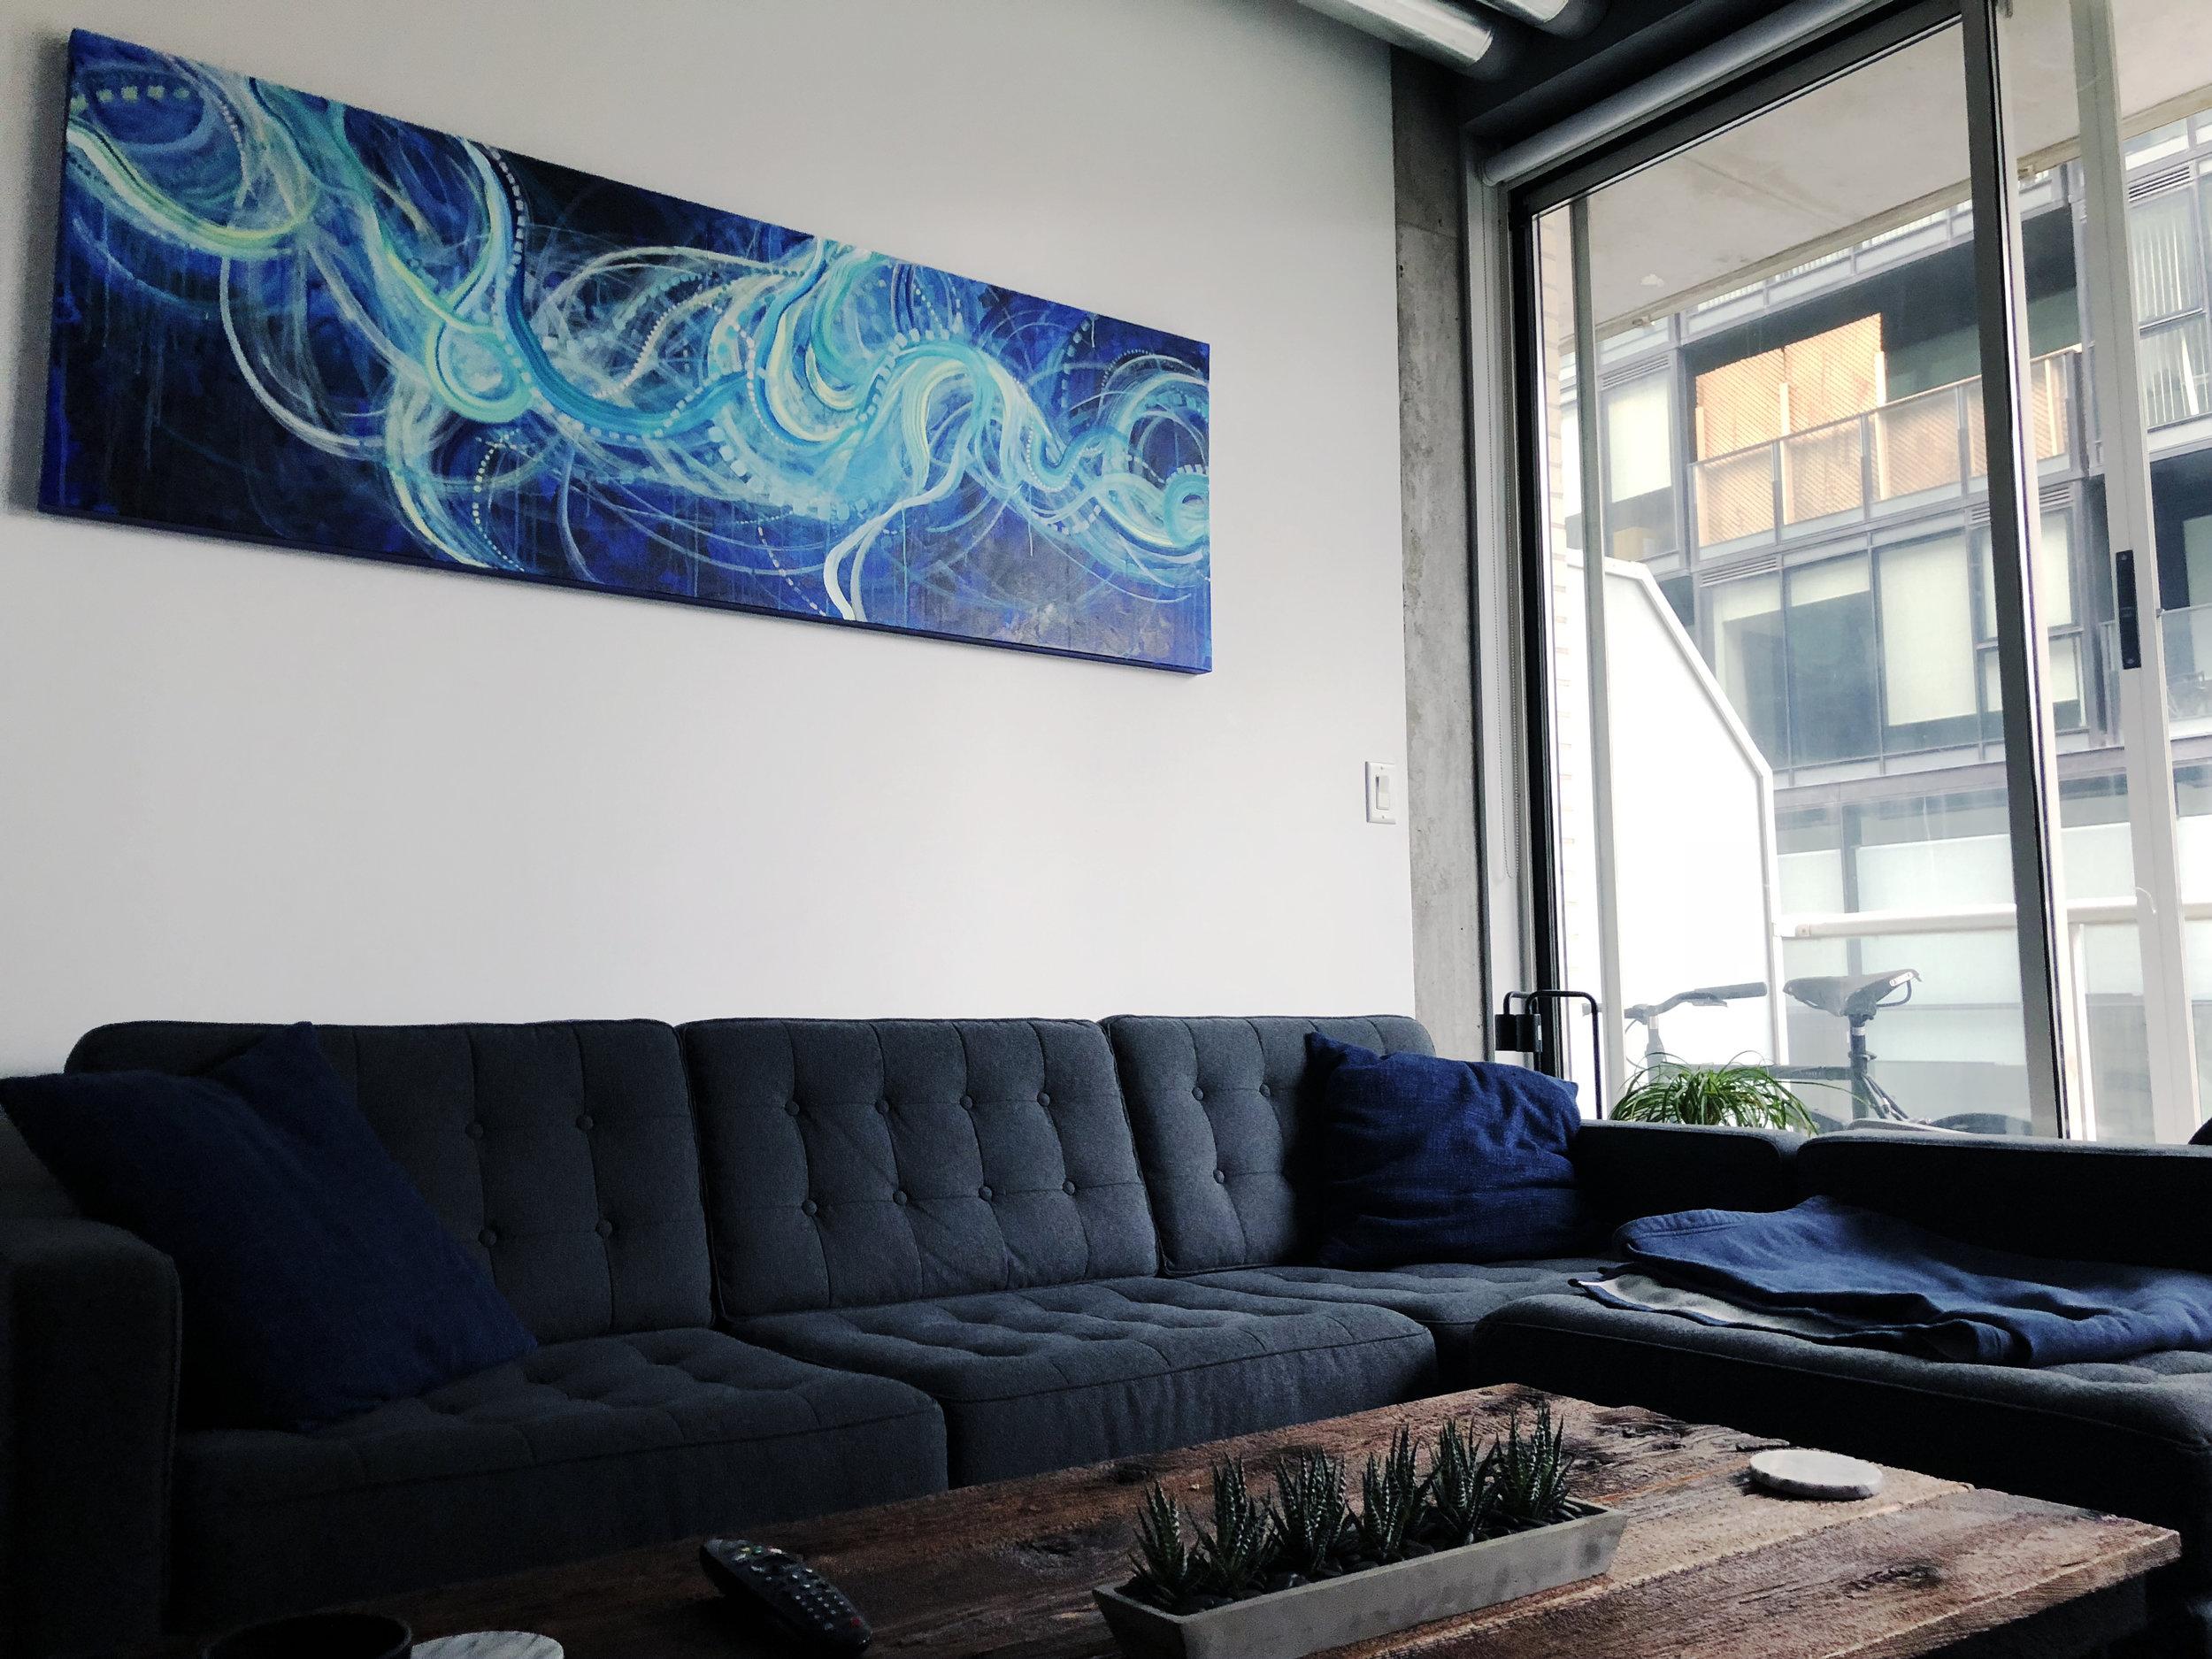 Swell  - Acrylic on Canvas